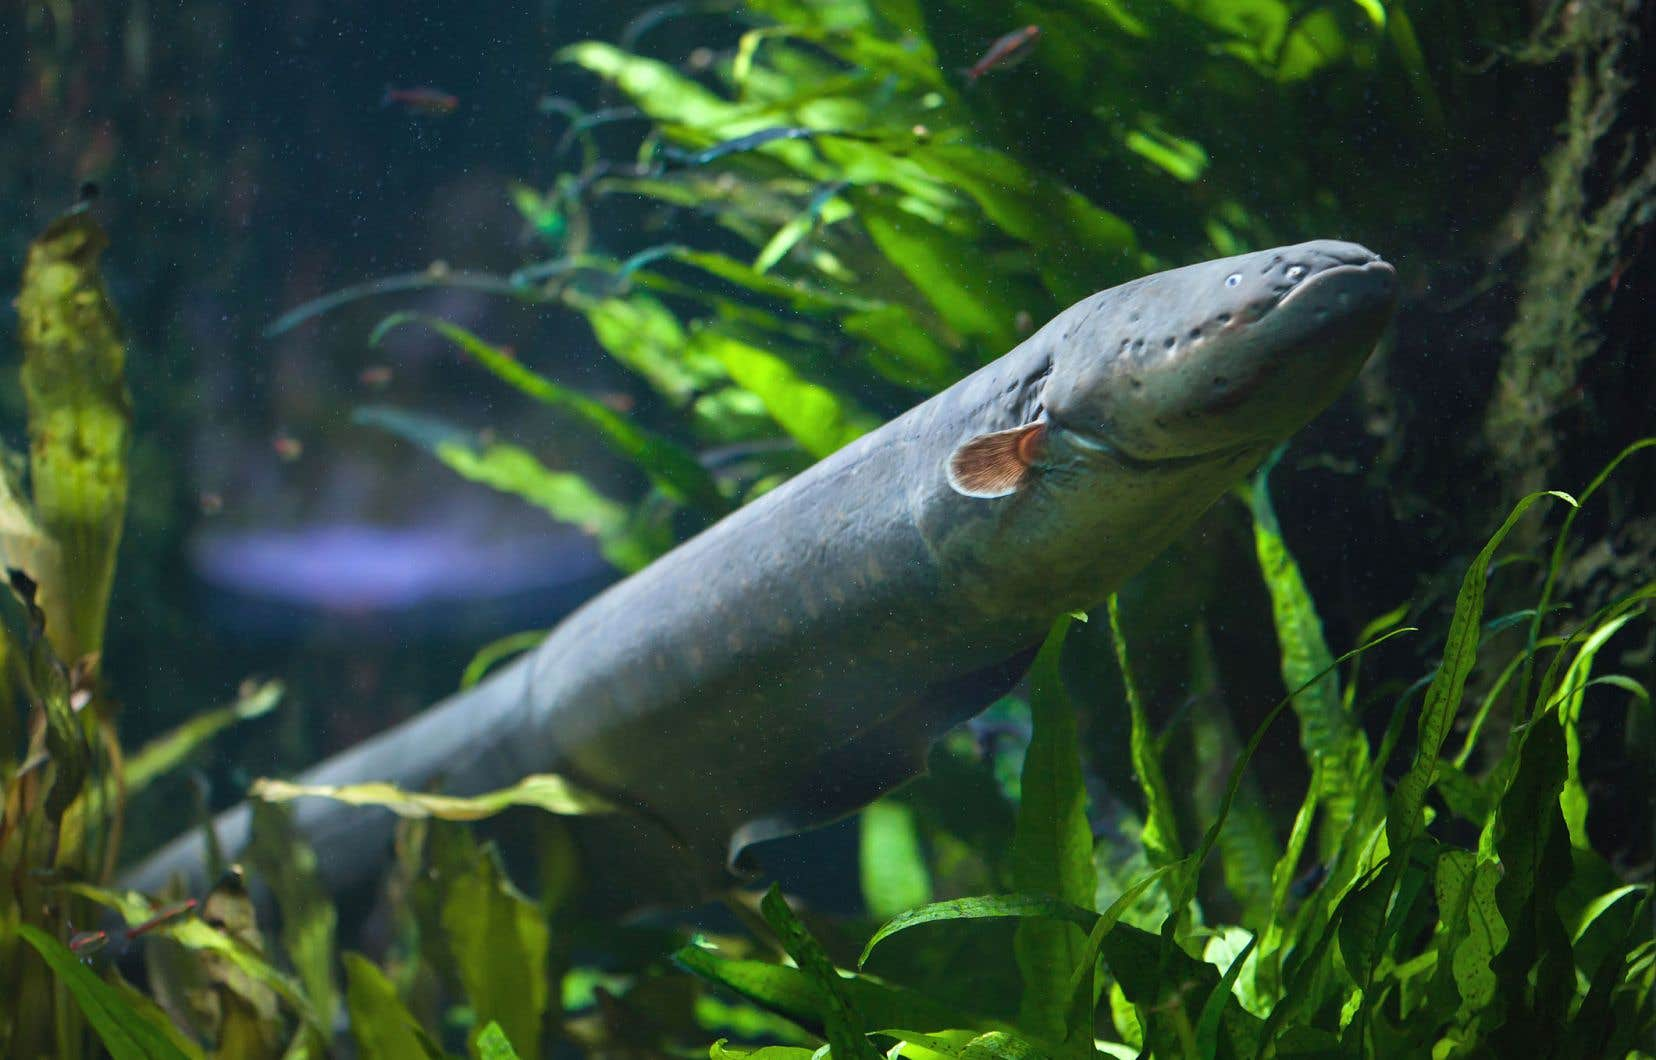 C'est du côté de la nature que les scientifiques ont trouvé l'inspiration. Les anguilles électriques sont dotées d'électrocytes, des cellules capables de générer des courants électriques par un jeu de transfert d'ions positifs et négatifs entre les milieux intérieur et extérieur.